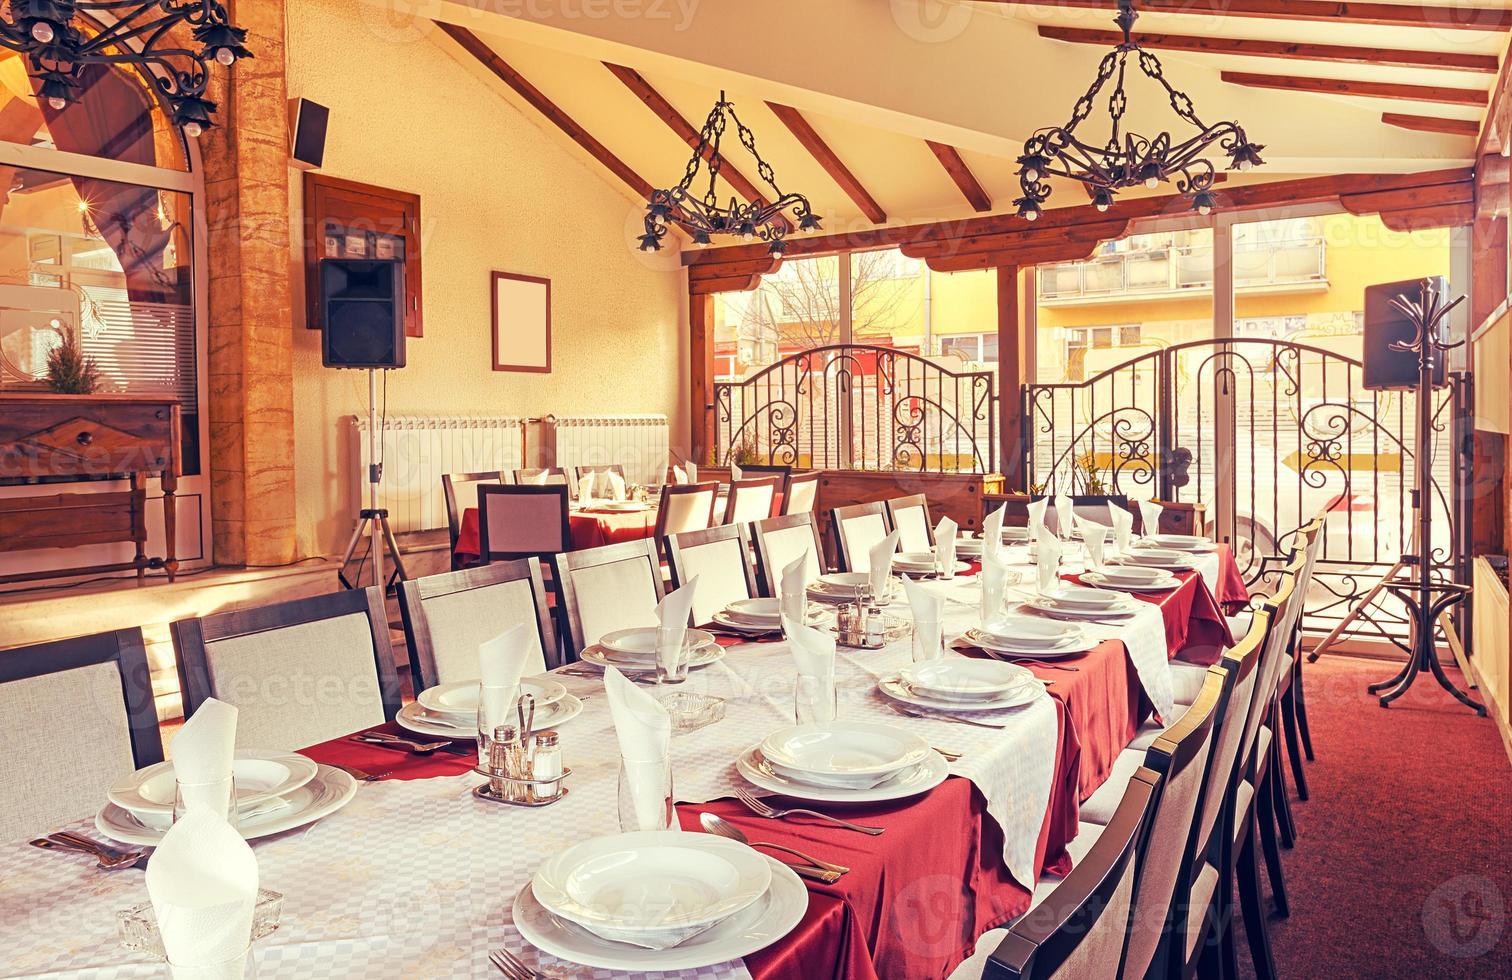 interior del restaurante foto